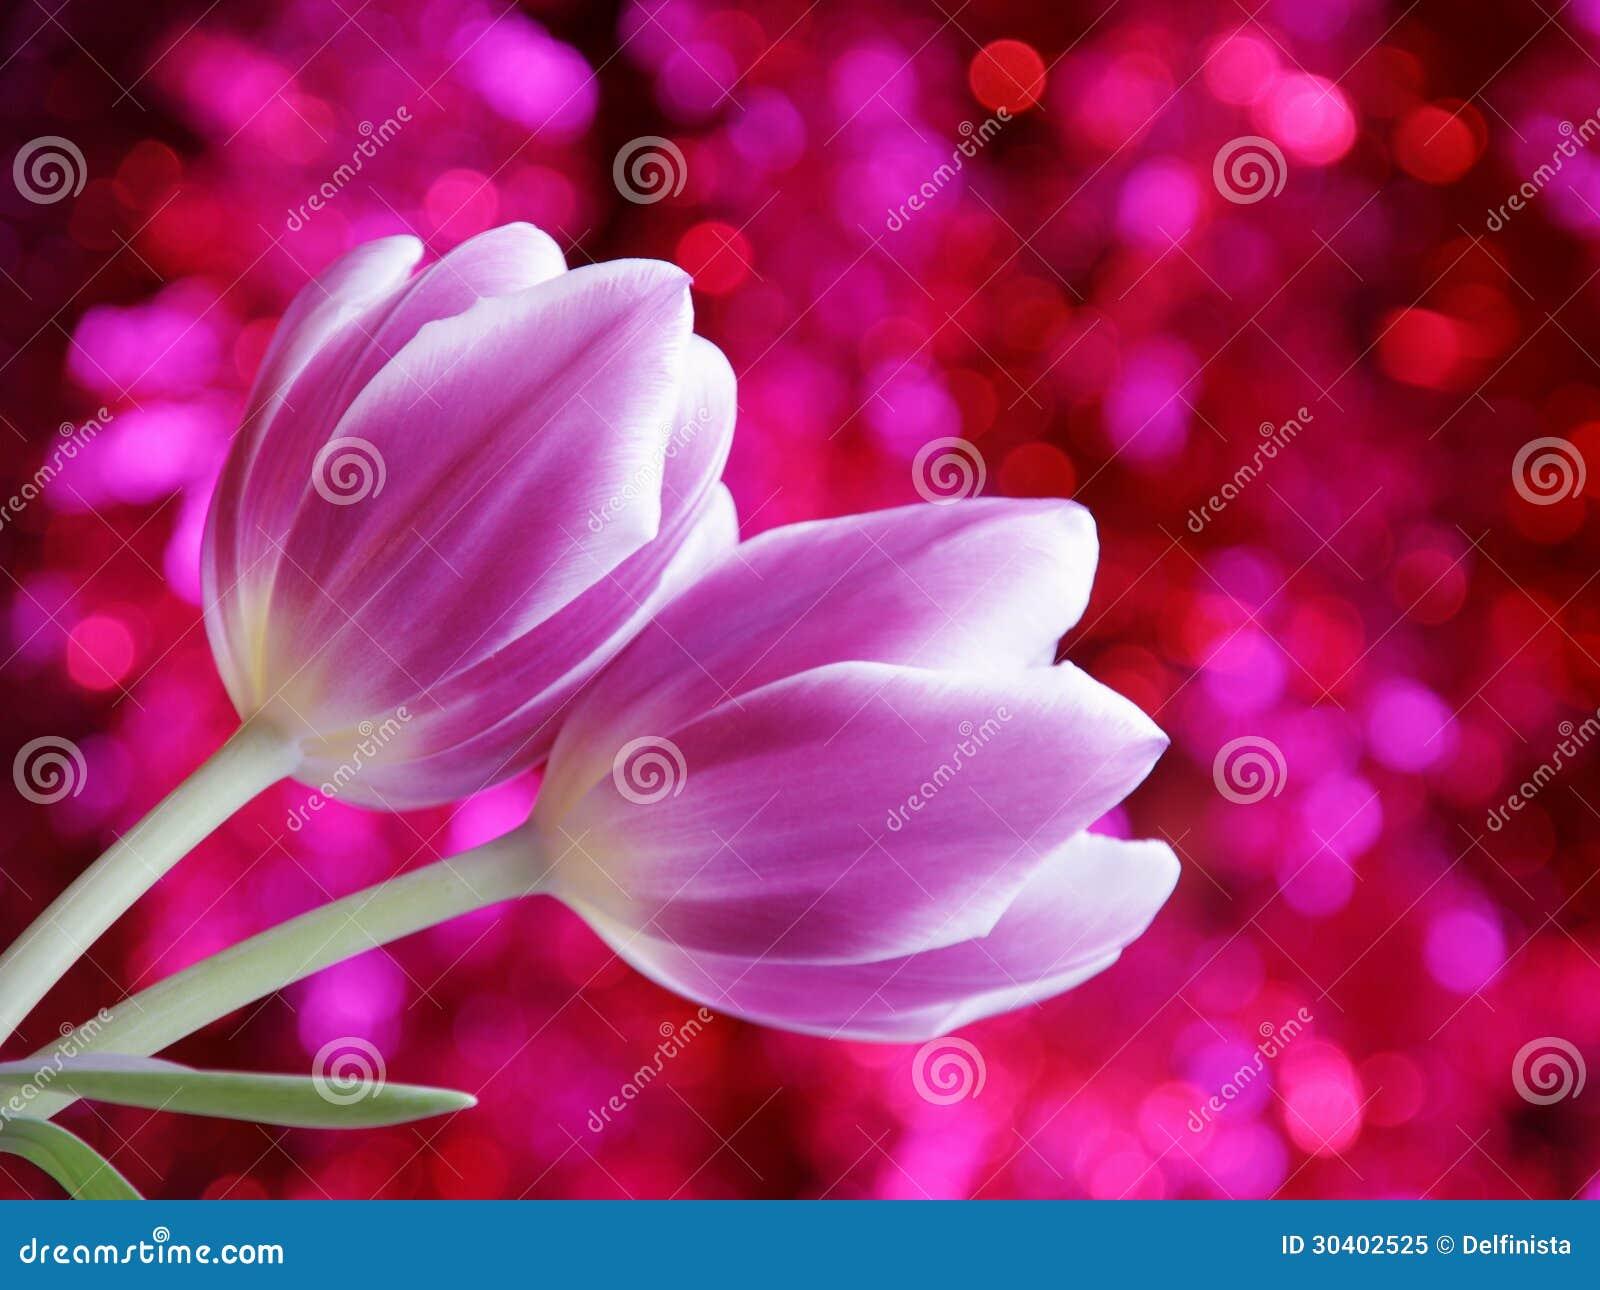 Tulip Flower Valentines Day Card - Voorraadfoto